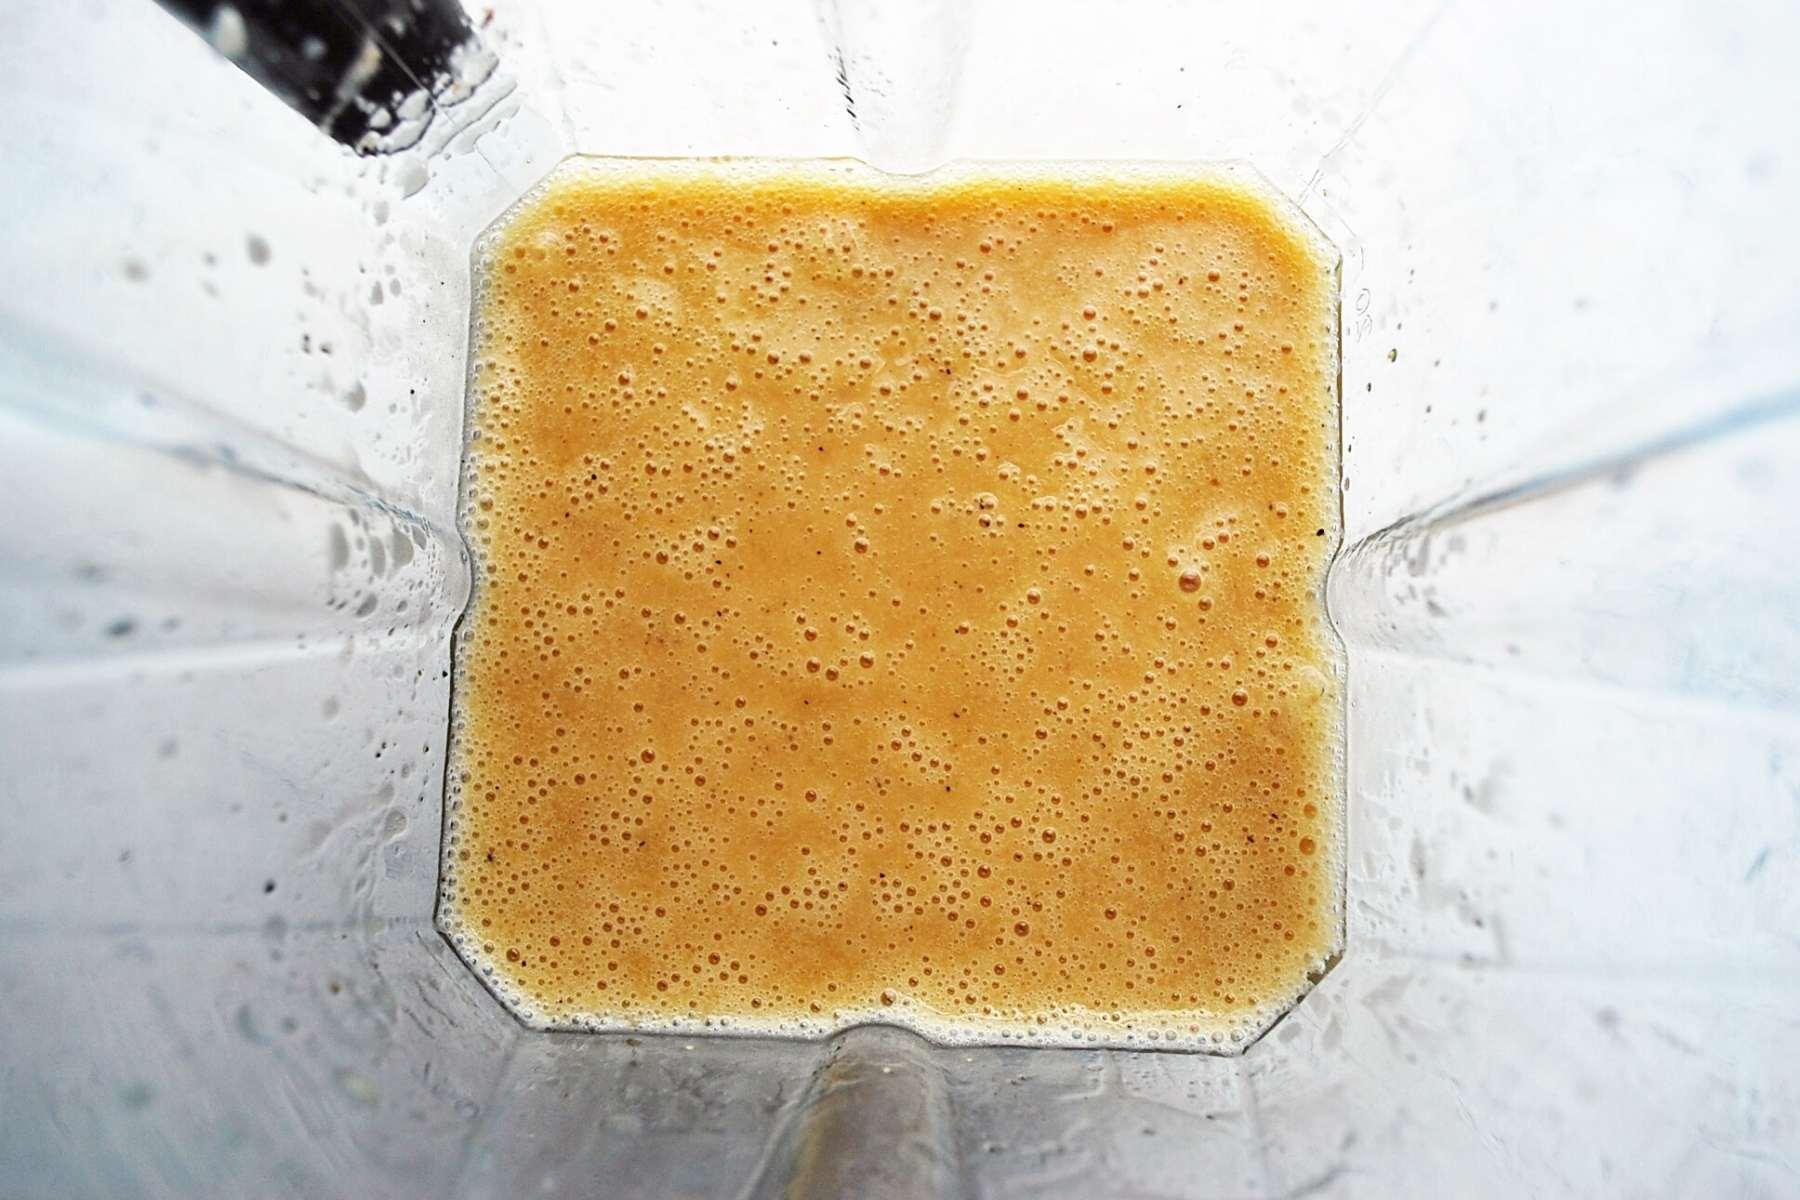 vinaigrette blended in a Vitamix